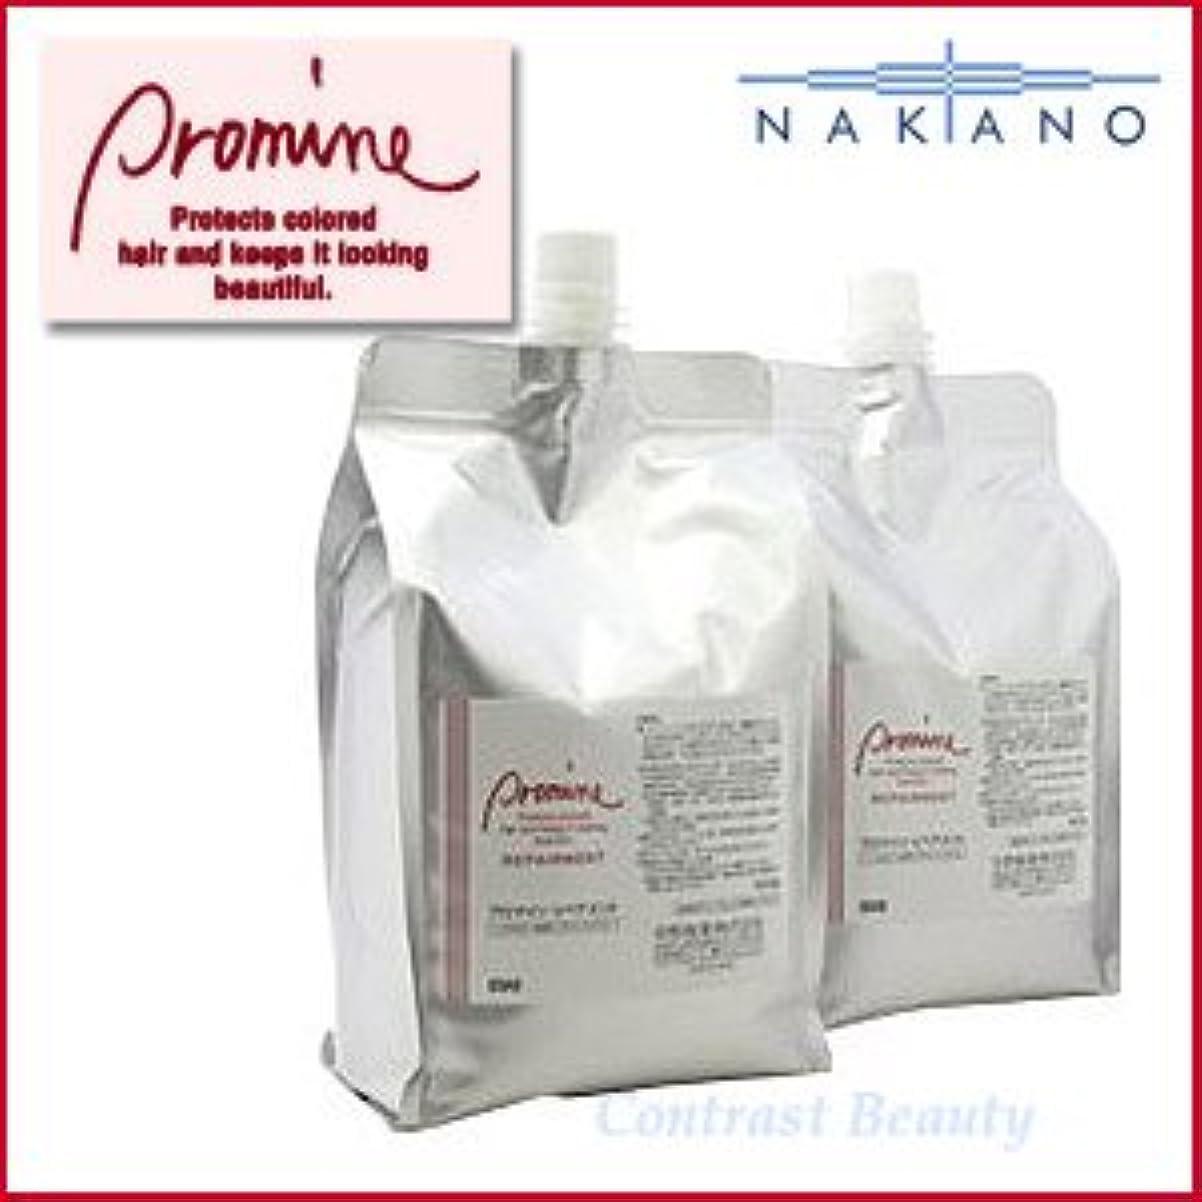 追加する連帯前ナカノ プロマイン リペアメント 3000g(1500g×2)レフィル